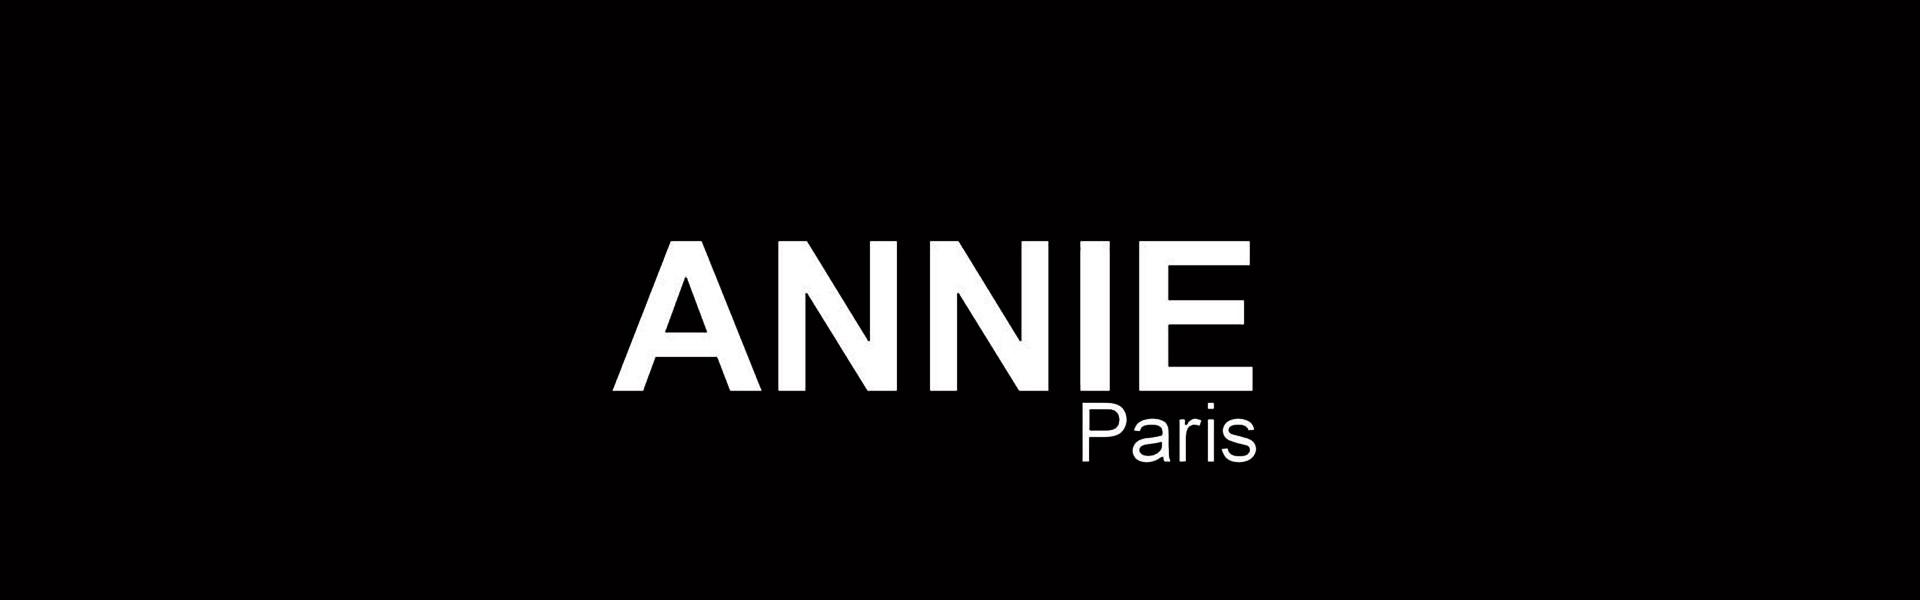 Annie_Paris